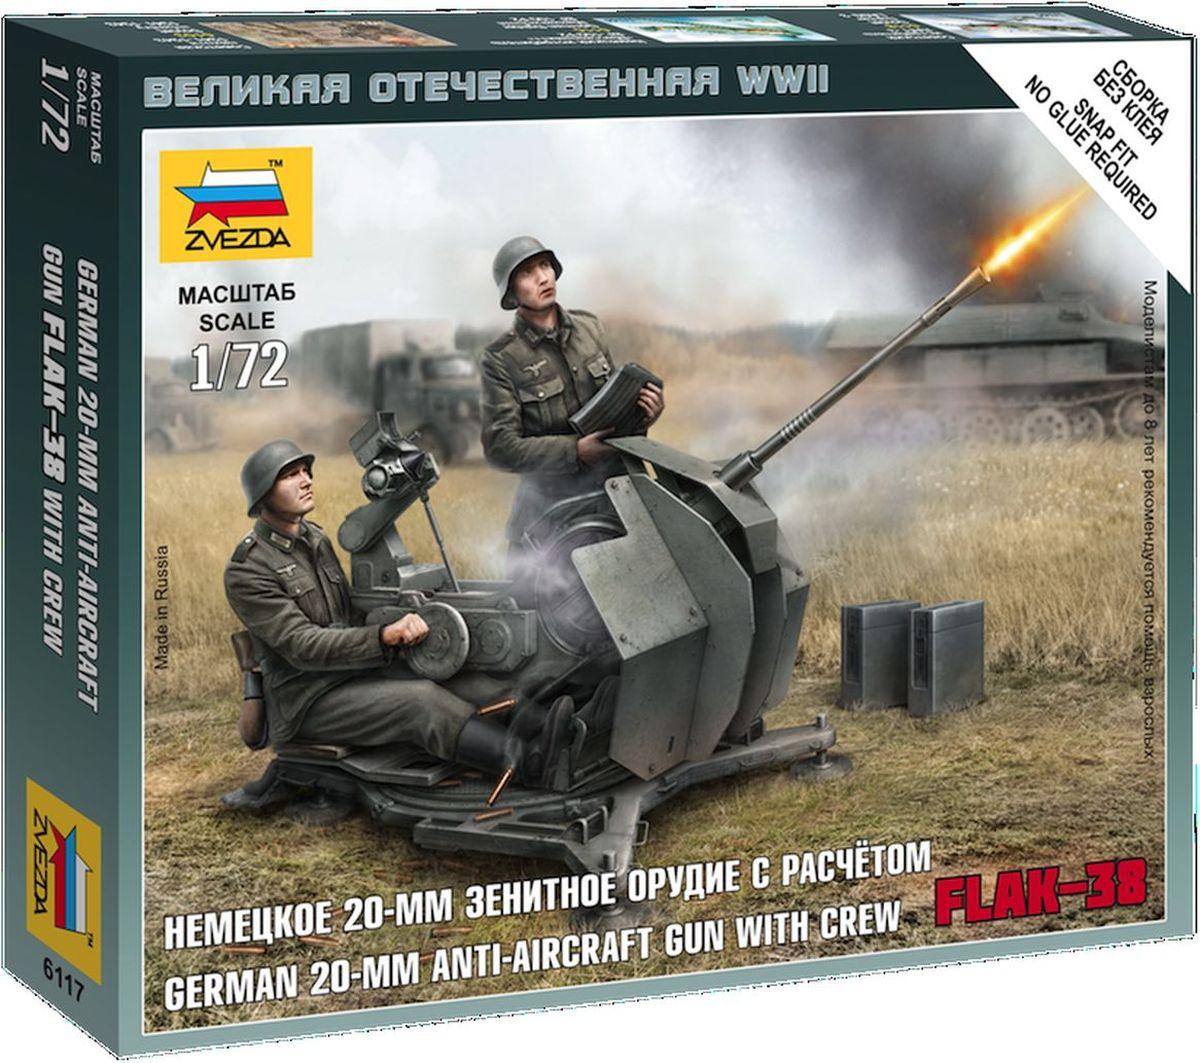 Звезда Сборная модель Немецкое 20-мм зенитное орудие с расчетом Flak-386117С помощью сборной модели Звезда Немецкое 20-мм зенитное орудие с расчетом Flak-38 вы и ваш ребенок сможете собрать уменьшенную копию немецкого зенитного орудия с расчетом времен Великой Отечественной войны. Набор включает в себя 20 пластиковых элементов для сборки орудия и 2 фигурок с подставкой, а также инструкцию на русском языке. Сборка без клея! Лёгкая зенитная пушка вермахта. Выпускалась с 1934 по 1945 гг. Прошла всю войну. Орудие предназначалось для борьбы с низколетящими целями. После появления подвижного лафета, орудие стало активно использоваться и в пехотных частях. Процесс сборки развивает интеллектуальные и инструментальные способности, воображение и конструктивное мышление, а также прививает практические навыки работы со схемами и чертежами. Модель не раскрашена. Краски продаются отдельно.